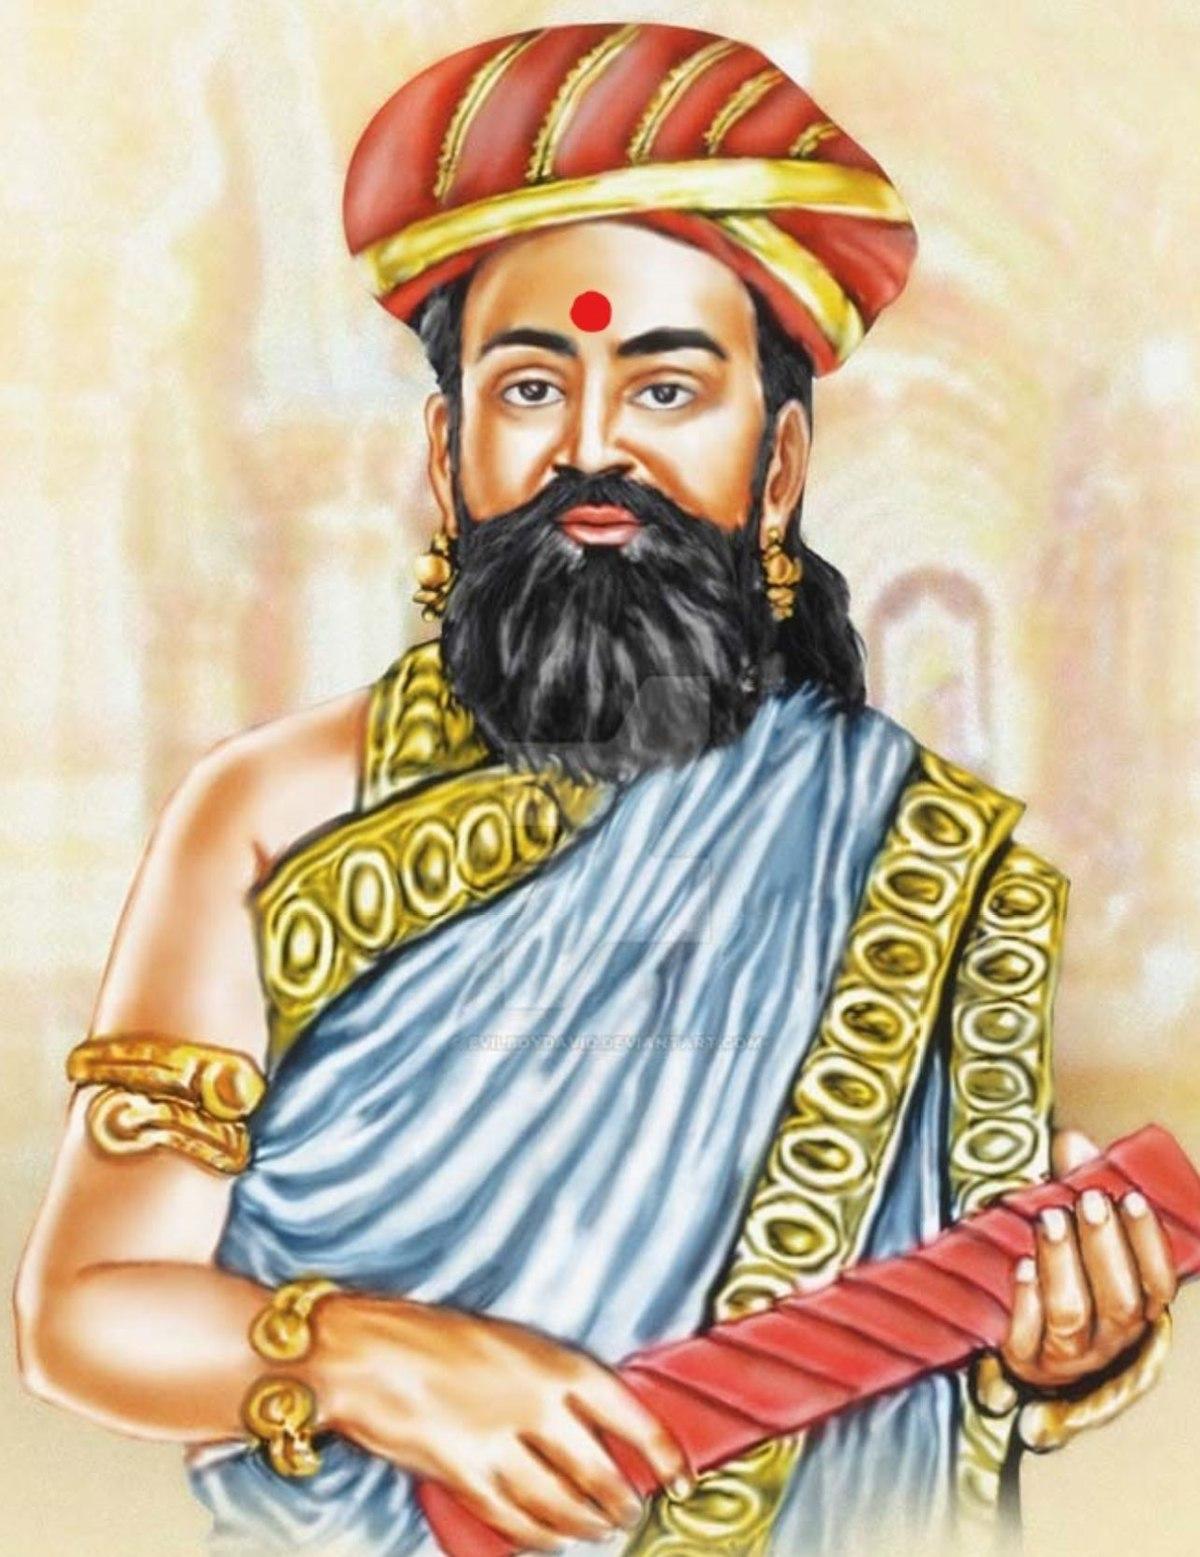 கம்பர் - தமிழ் விக்கிப்பீடியா